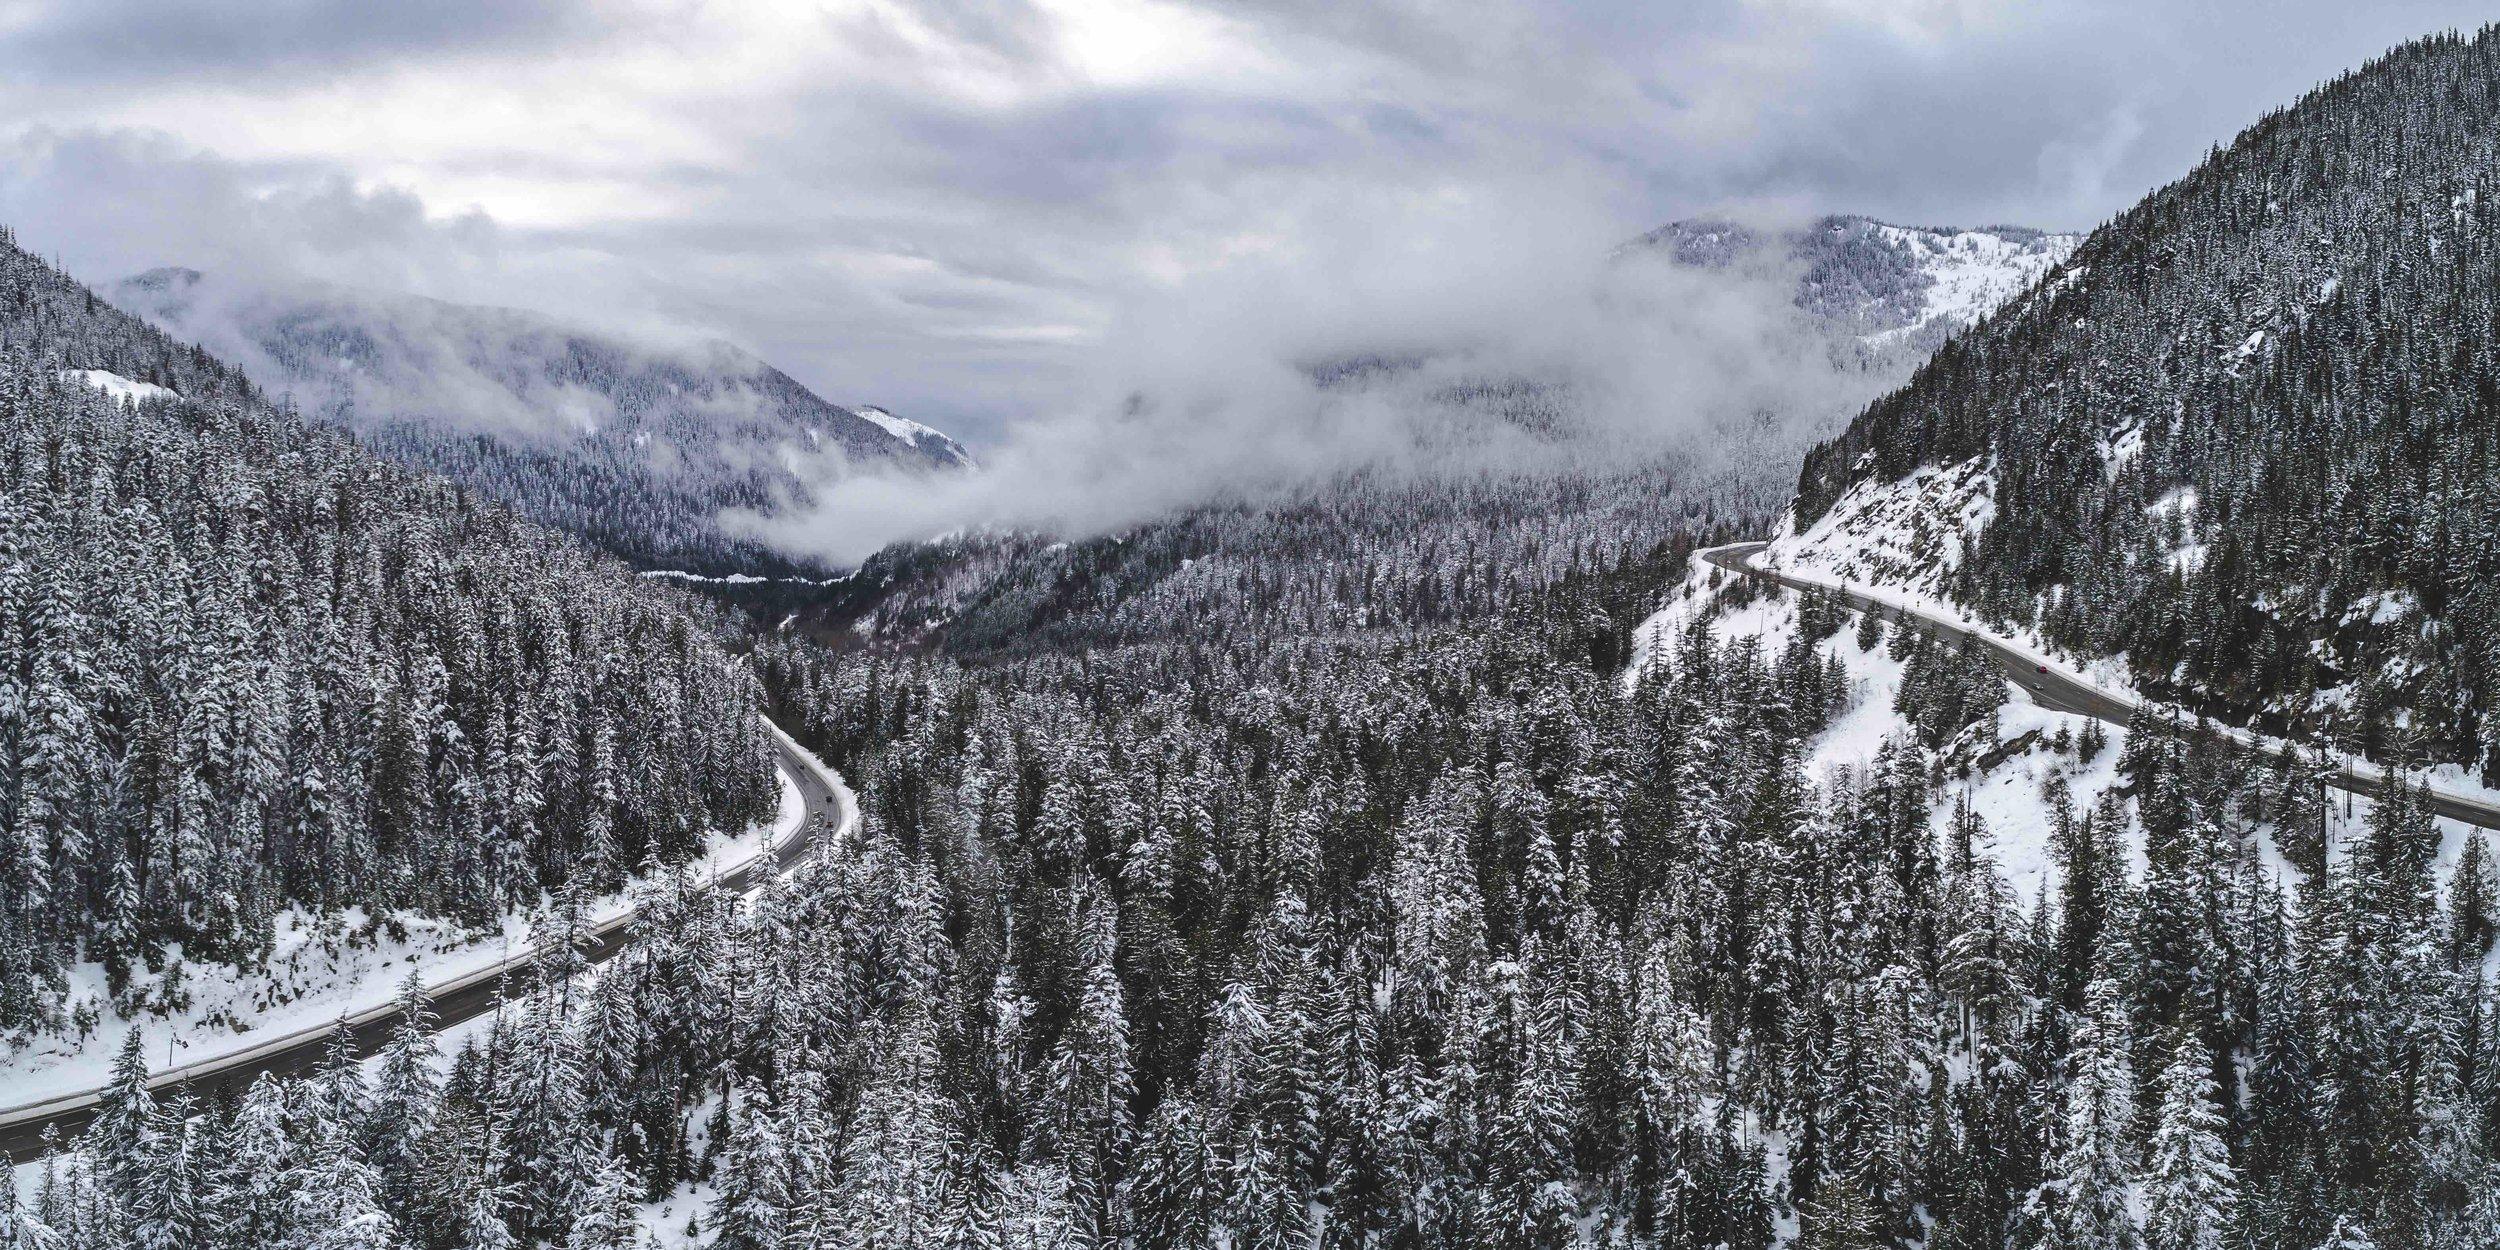 Wilderness_Adventure_Mountain_Highway_Snowy_Aerial_Background.jpeg